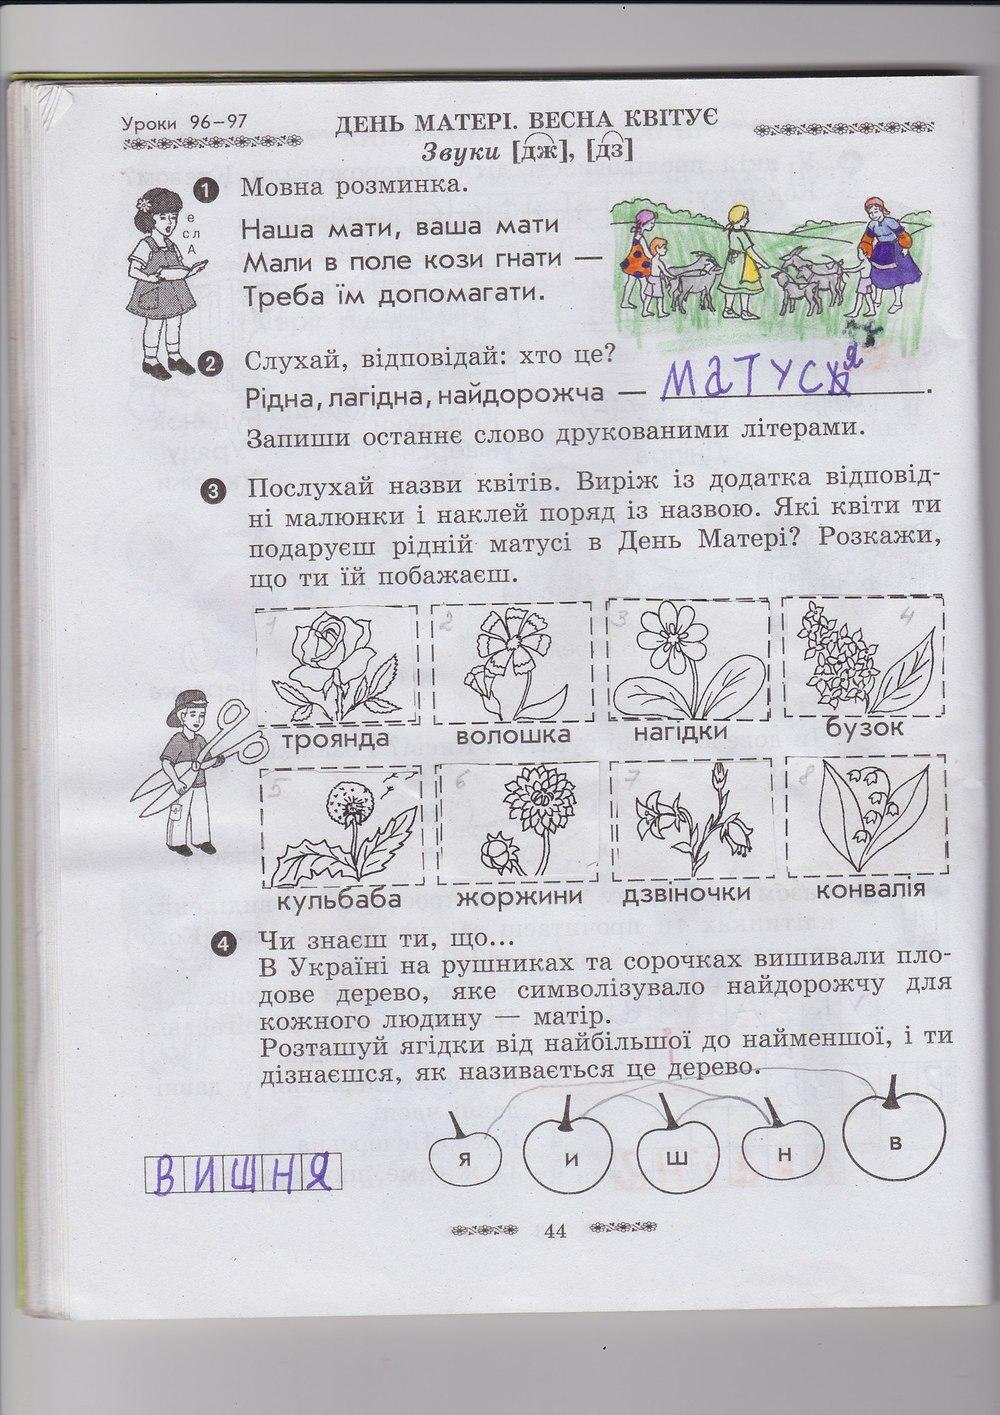 ГДЗ відповіді робочий зошит по рiдна/укр. мова 1 класс Кобзар О. Г.. Задание: стр. 44